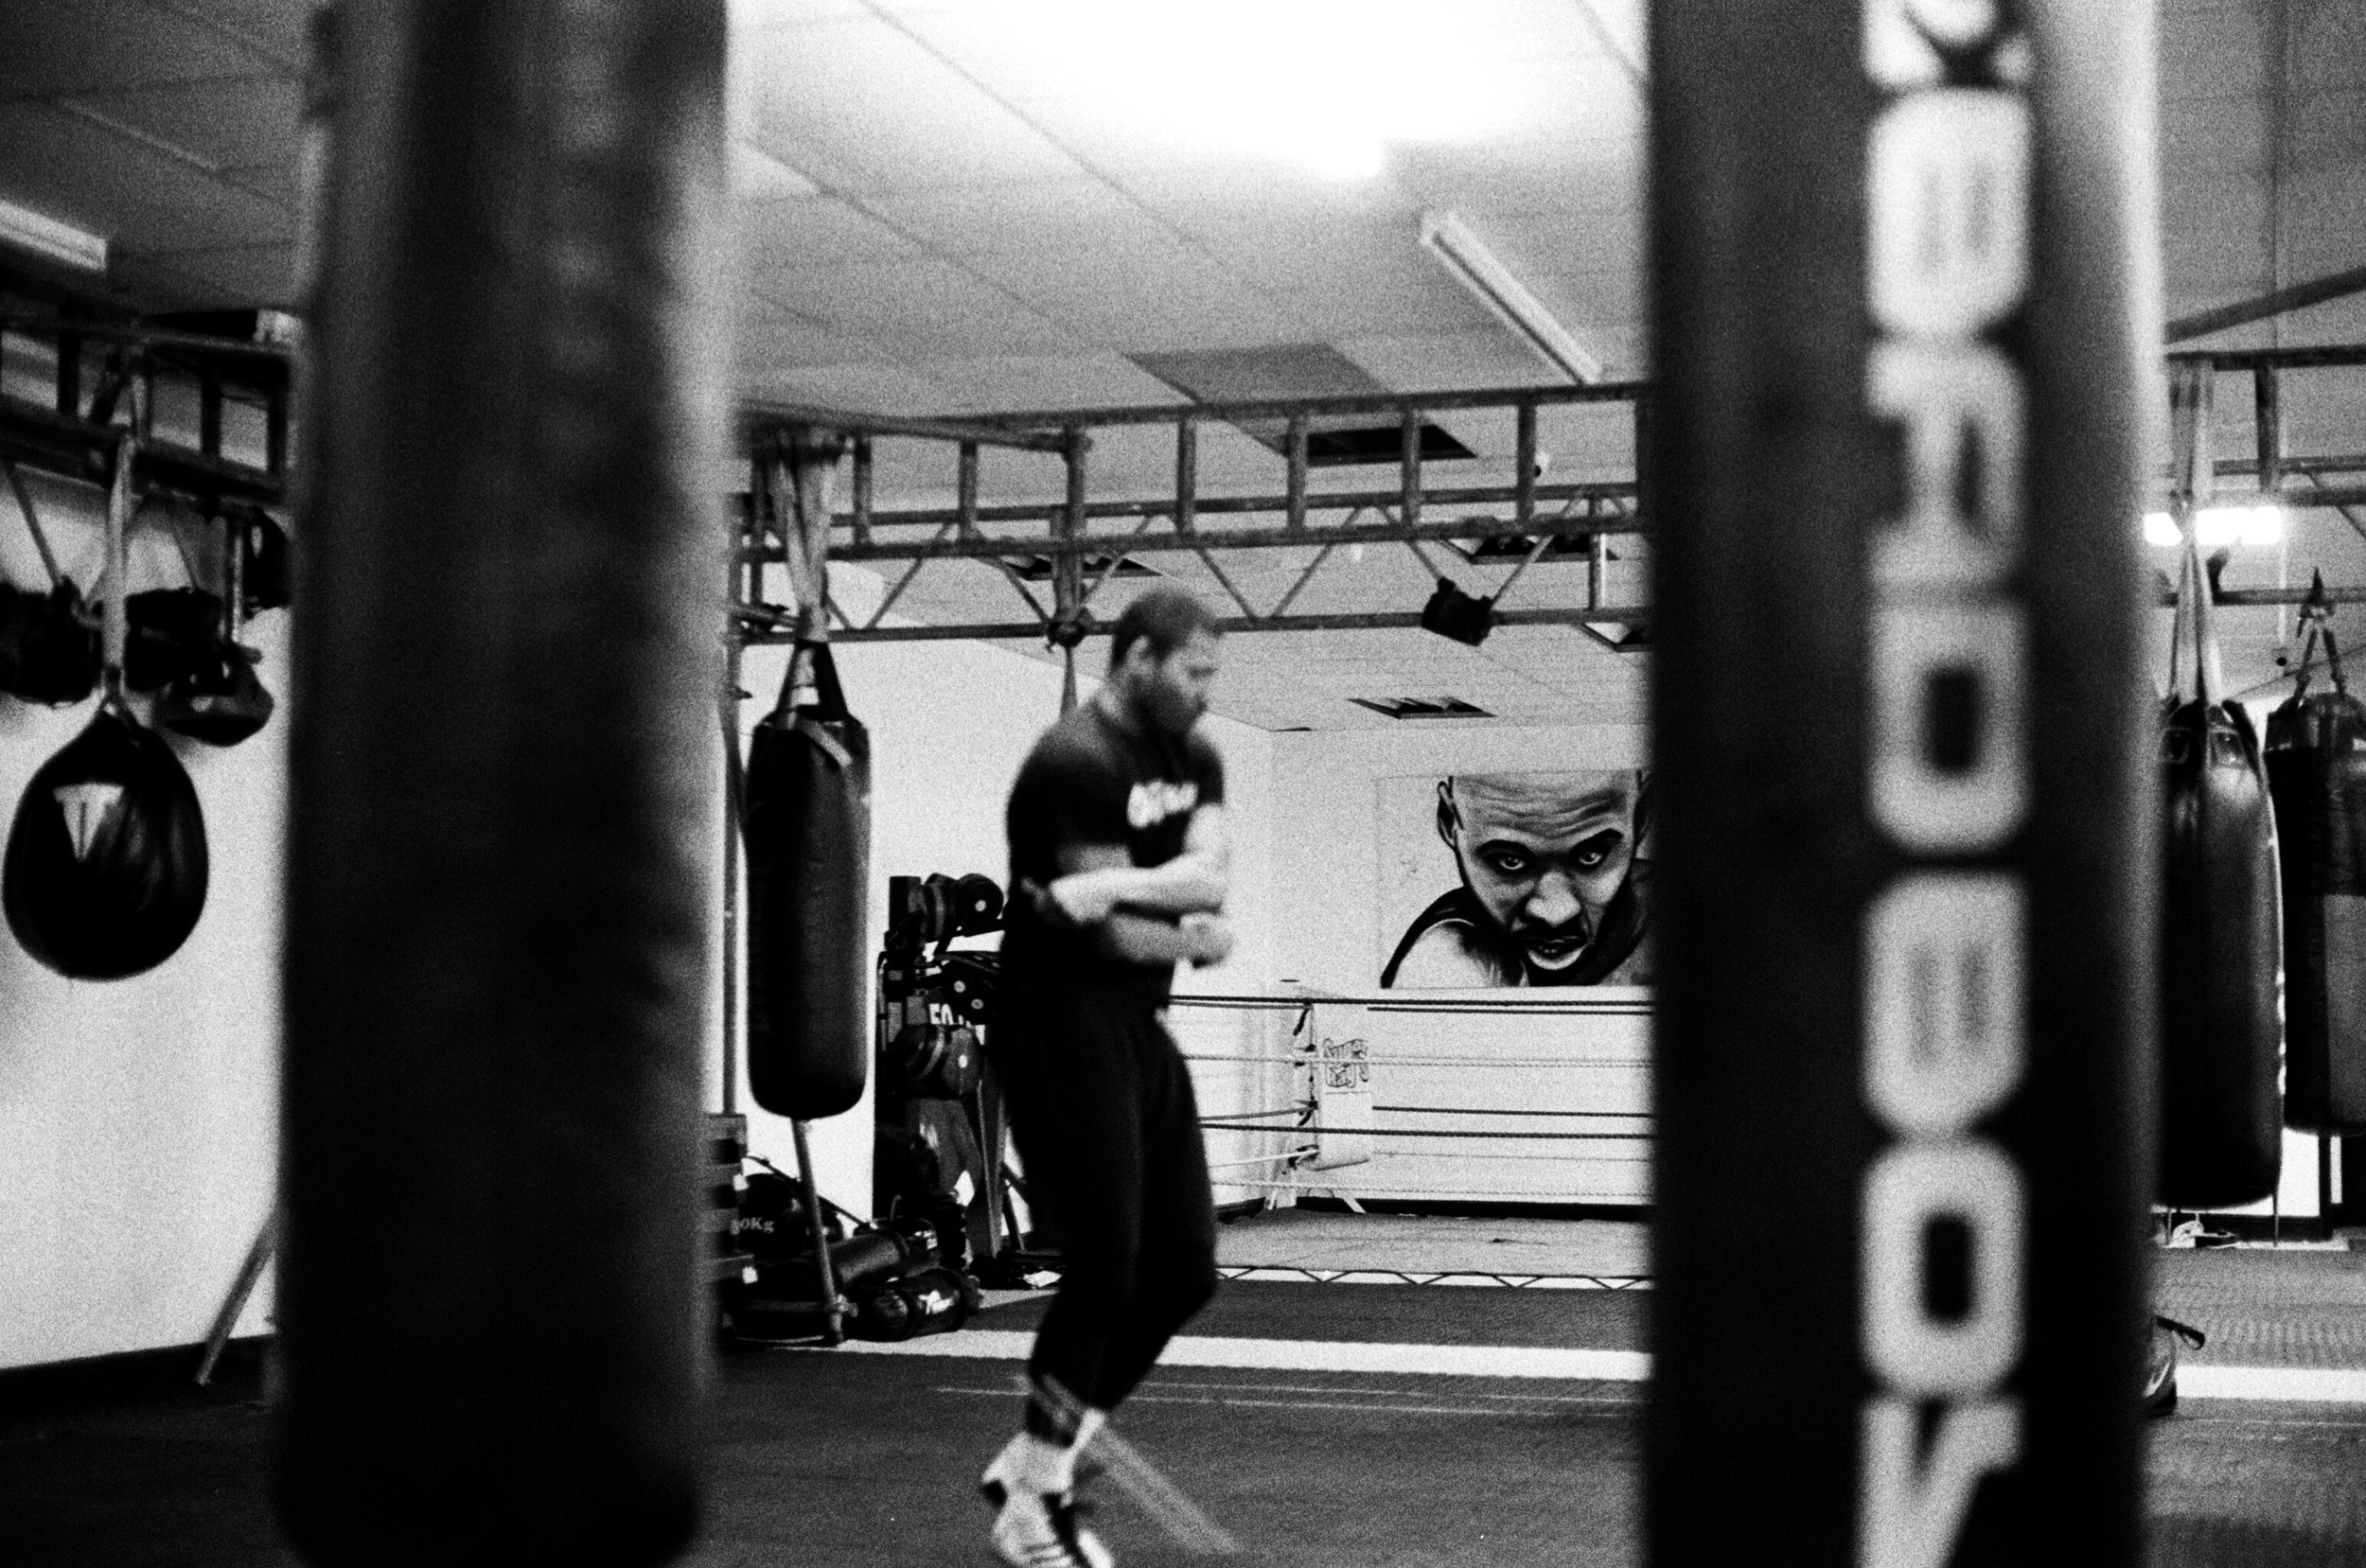 Ace Adam in training.